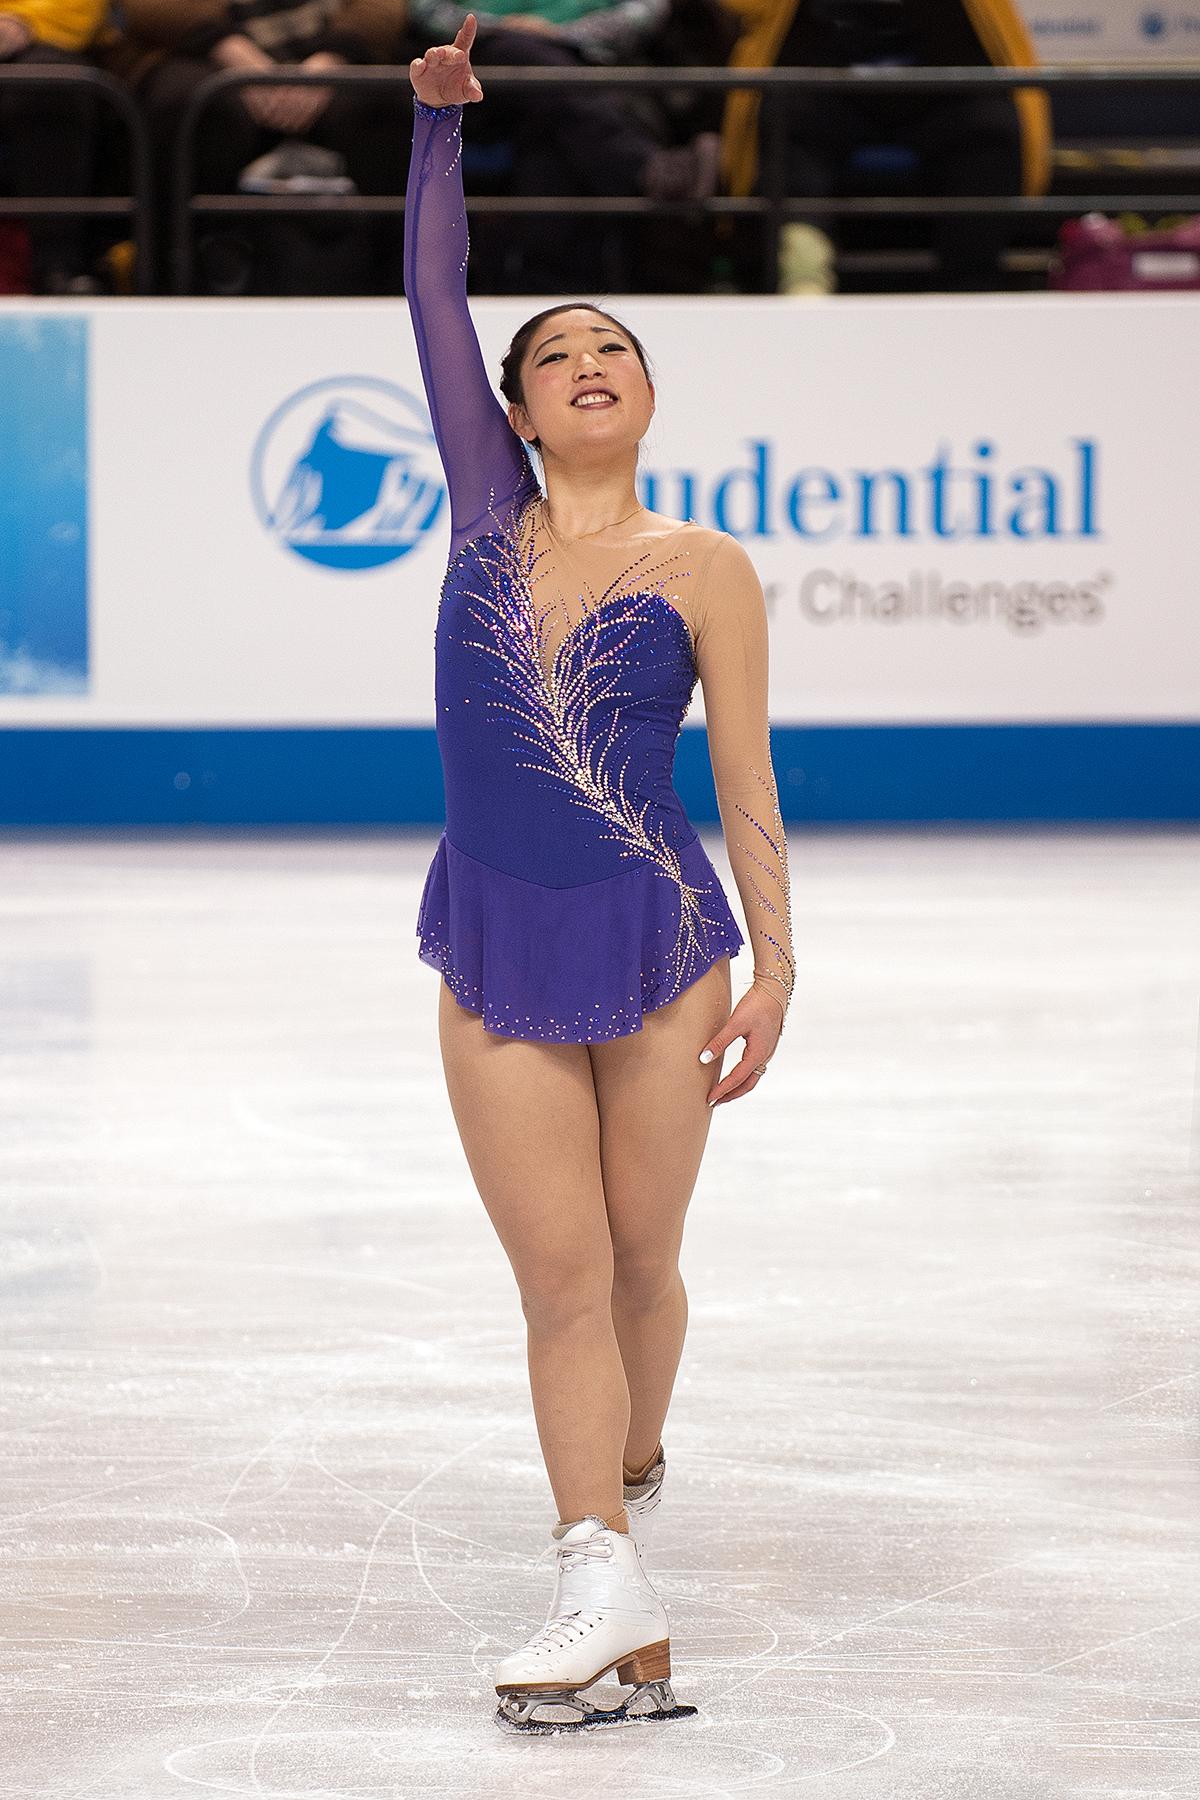 mirai nagasu - photo #13